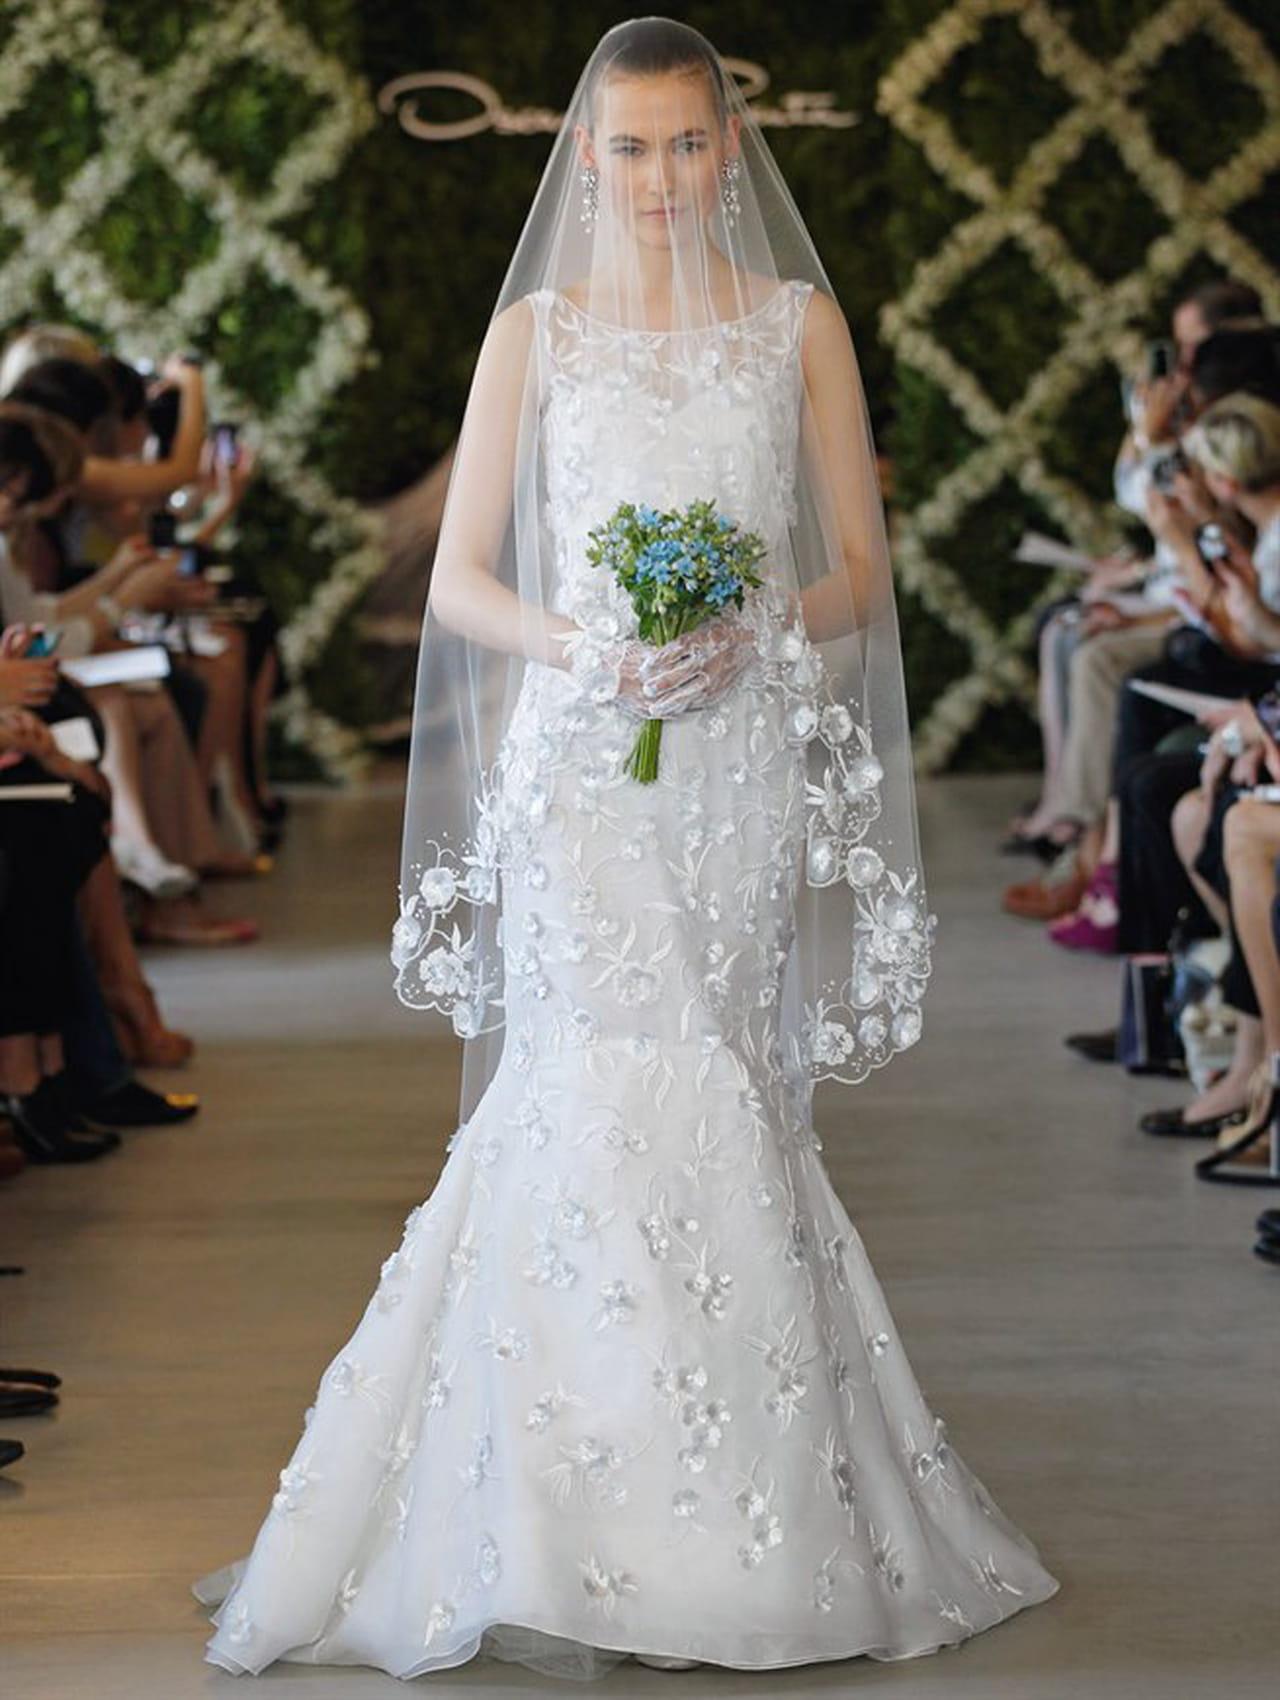 اجمل تصميمات فساتين زفاف من ماركة Oscar de la Renta